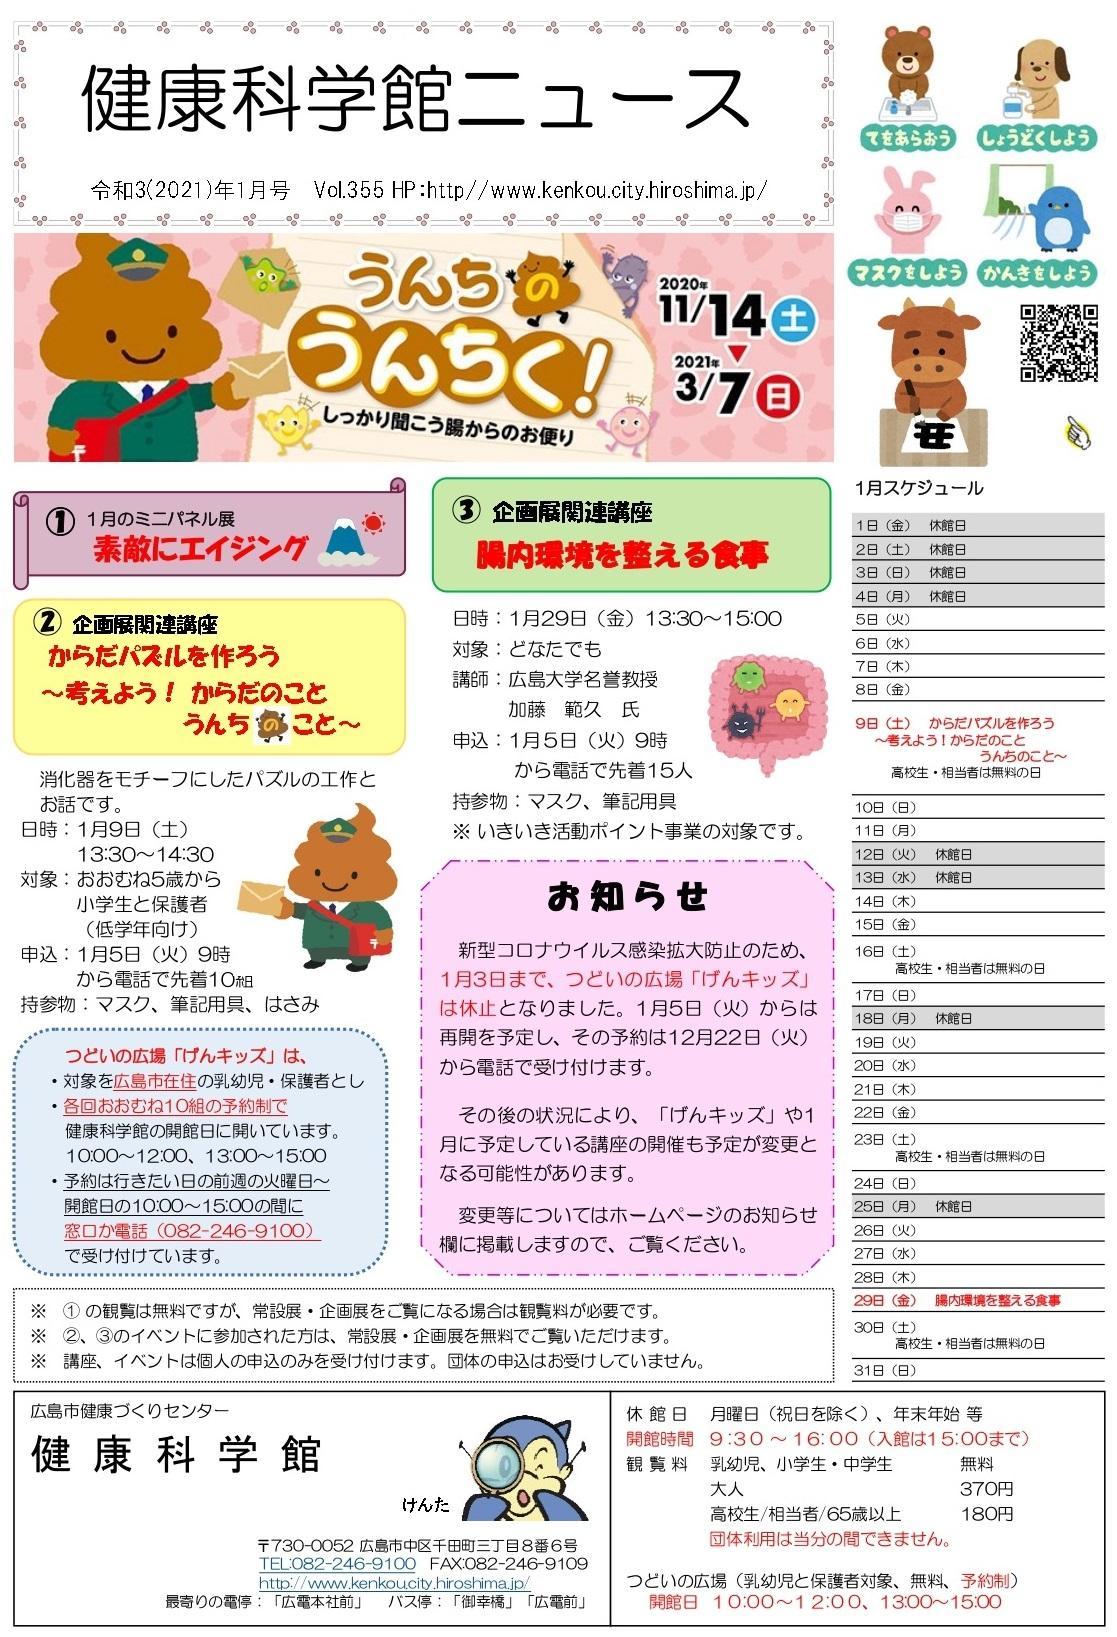 健康科学館ニュース1月号.jpg